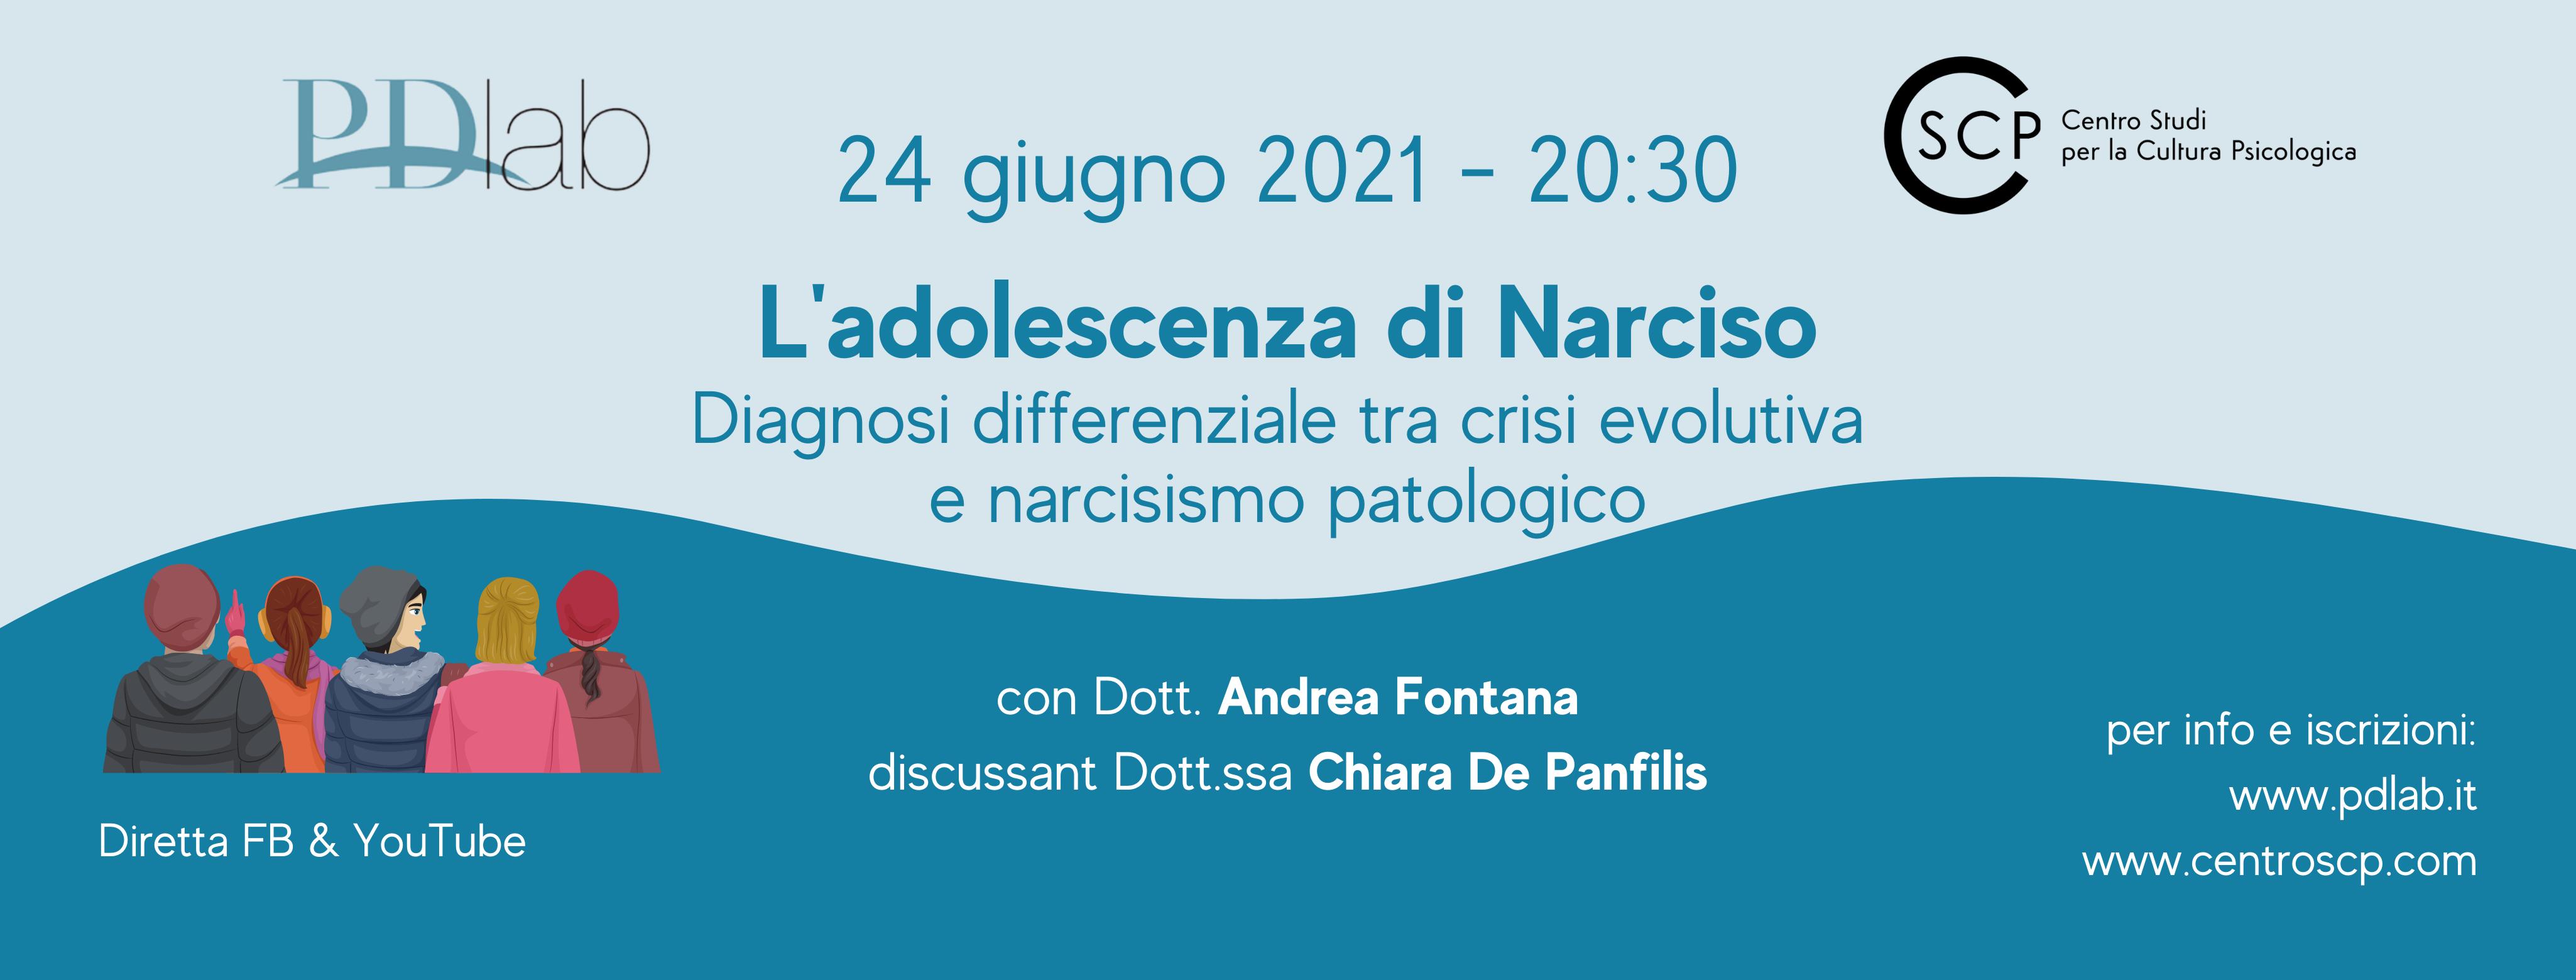 L'adolescenza di Narciso – Diagnosi differenziale tra crisi evolutiva e narcisismo patologico